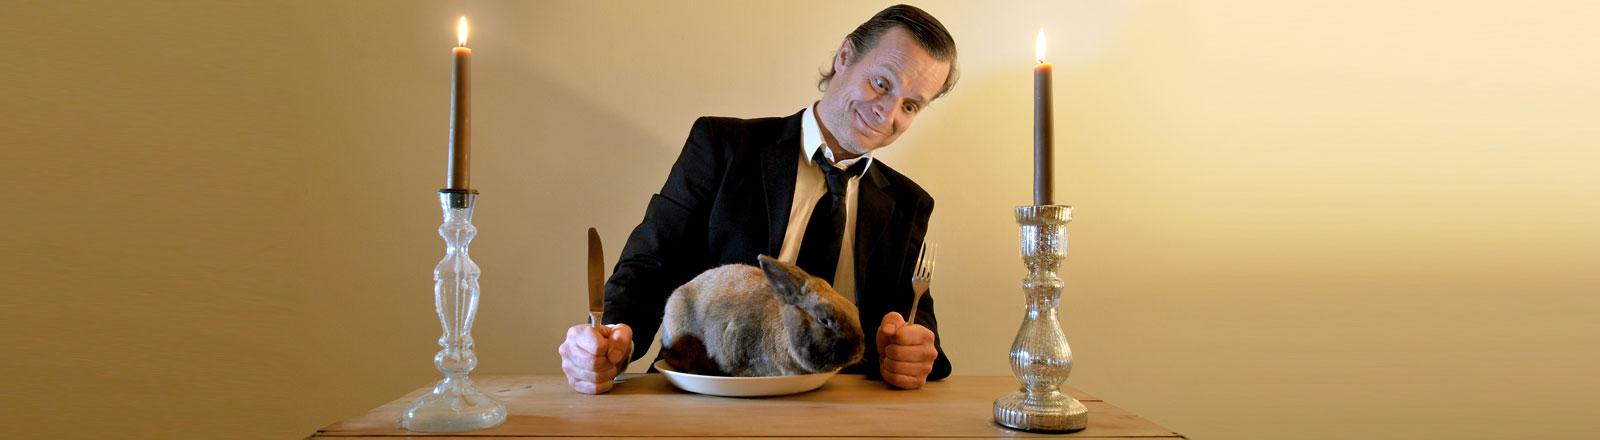 Ein Mann hat ein lebendiges Kaninchen auf seinem Teller sitzen.